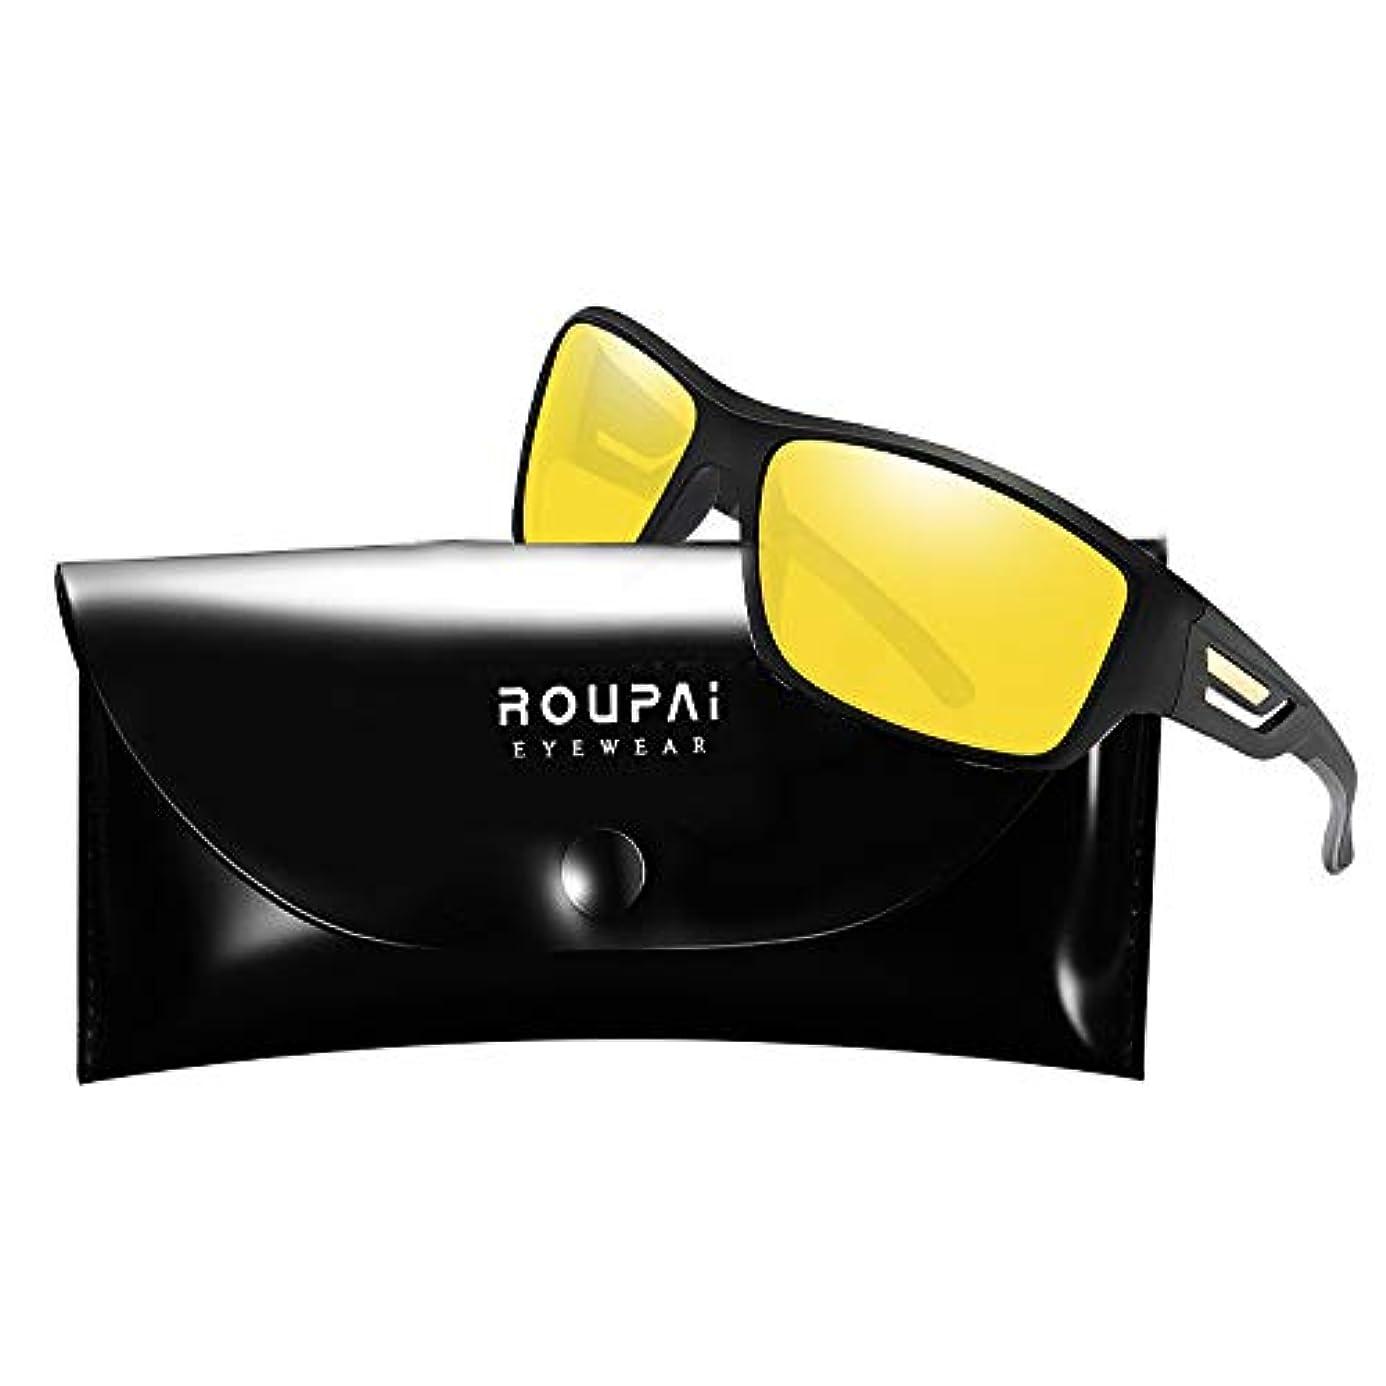 大学インポート異常ROUPAI スポーツサングラス TAC偏光レンズ UV400加工 99.9%紫外線カット 軽量 運動用 男女兼用 イエロー クロス&メガネケース